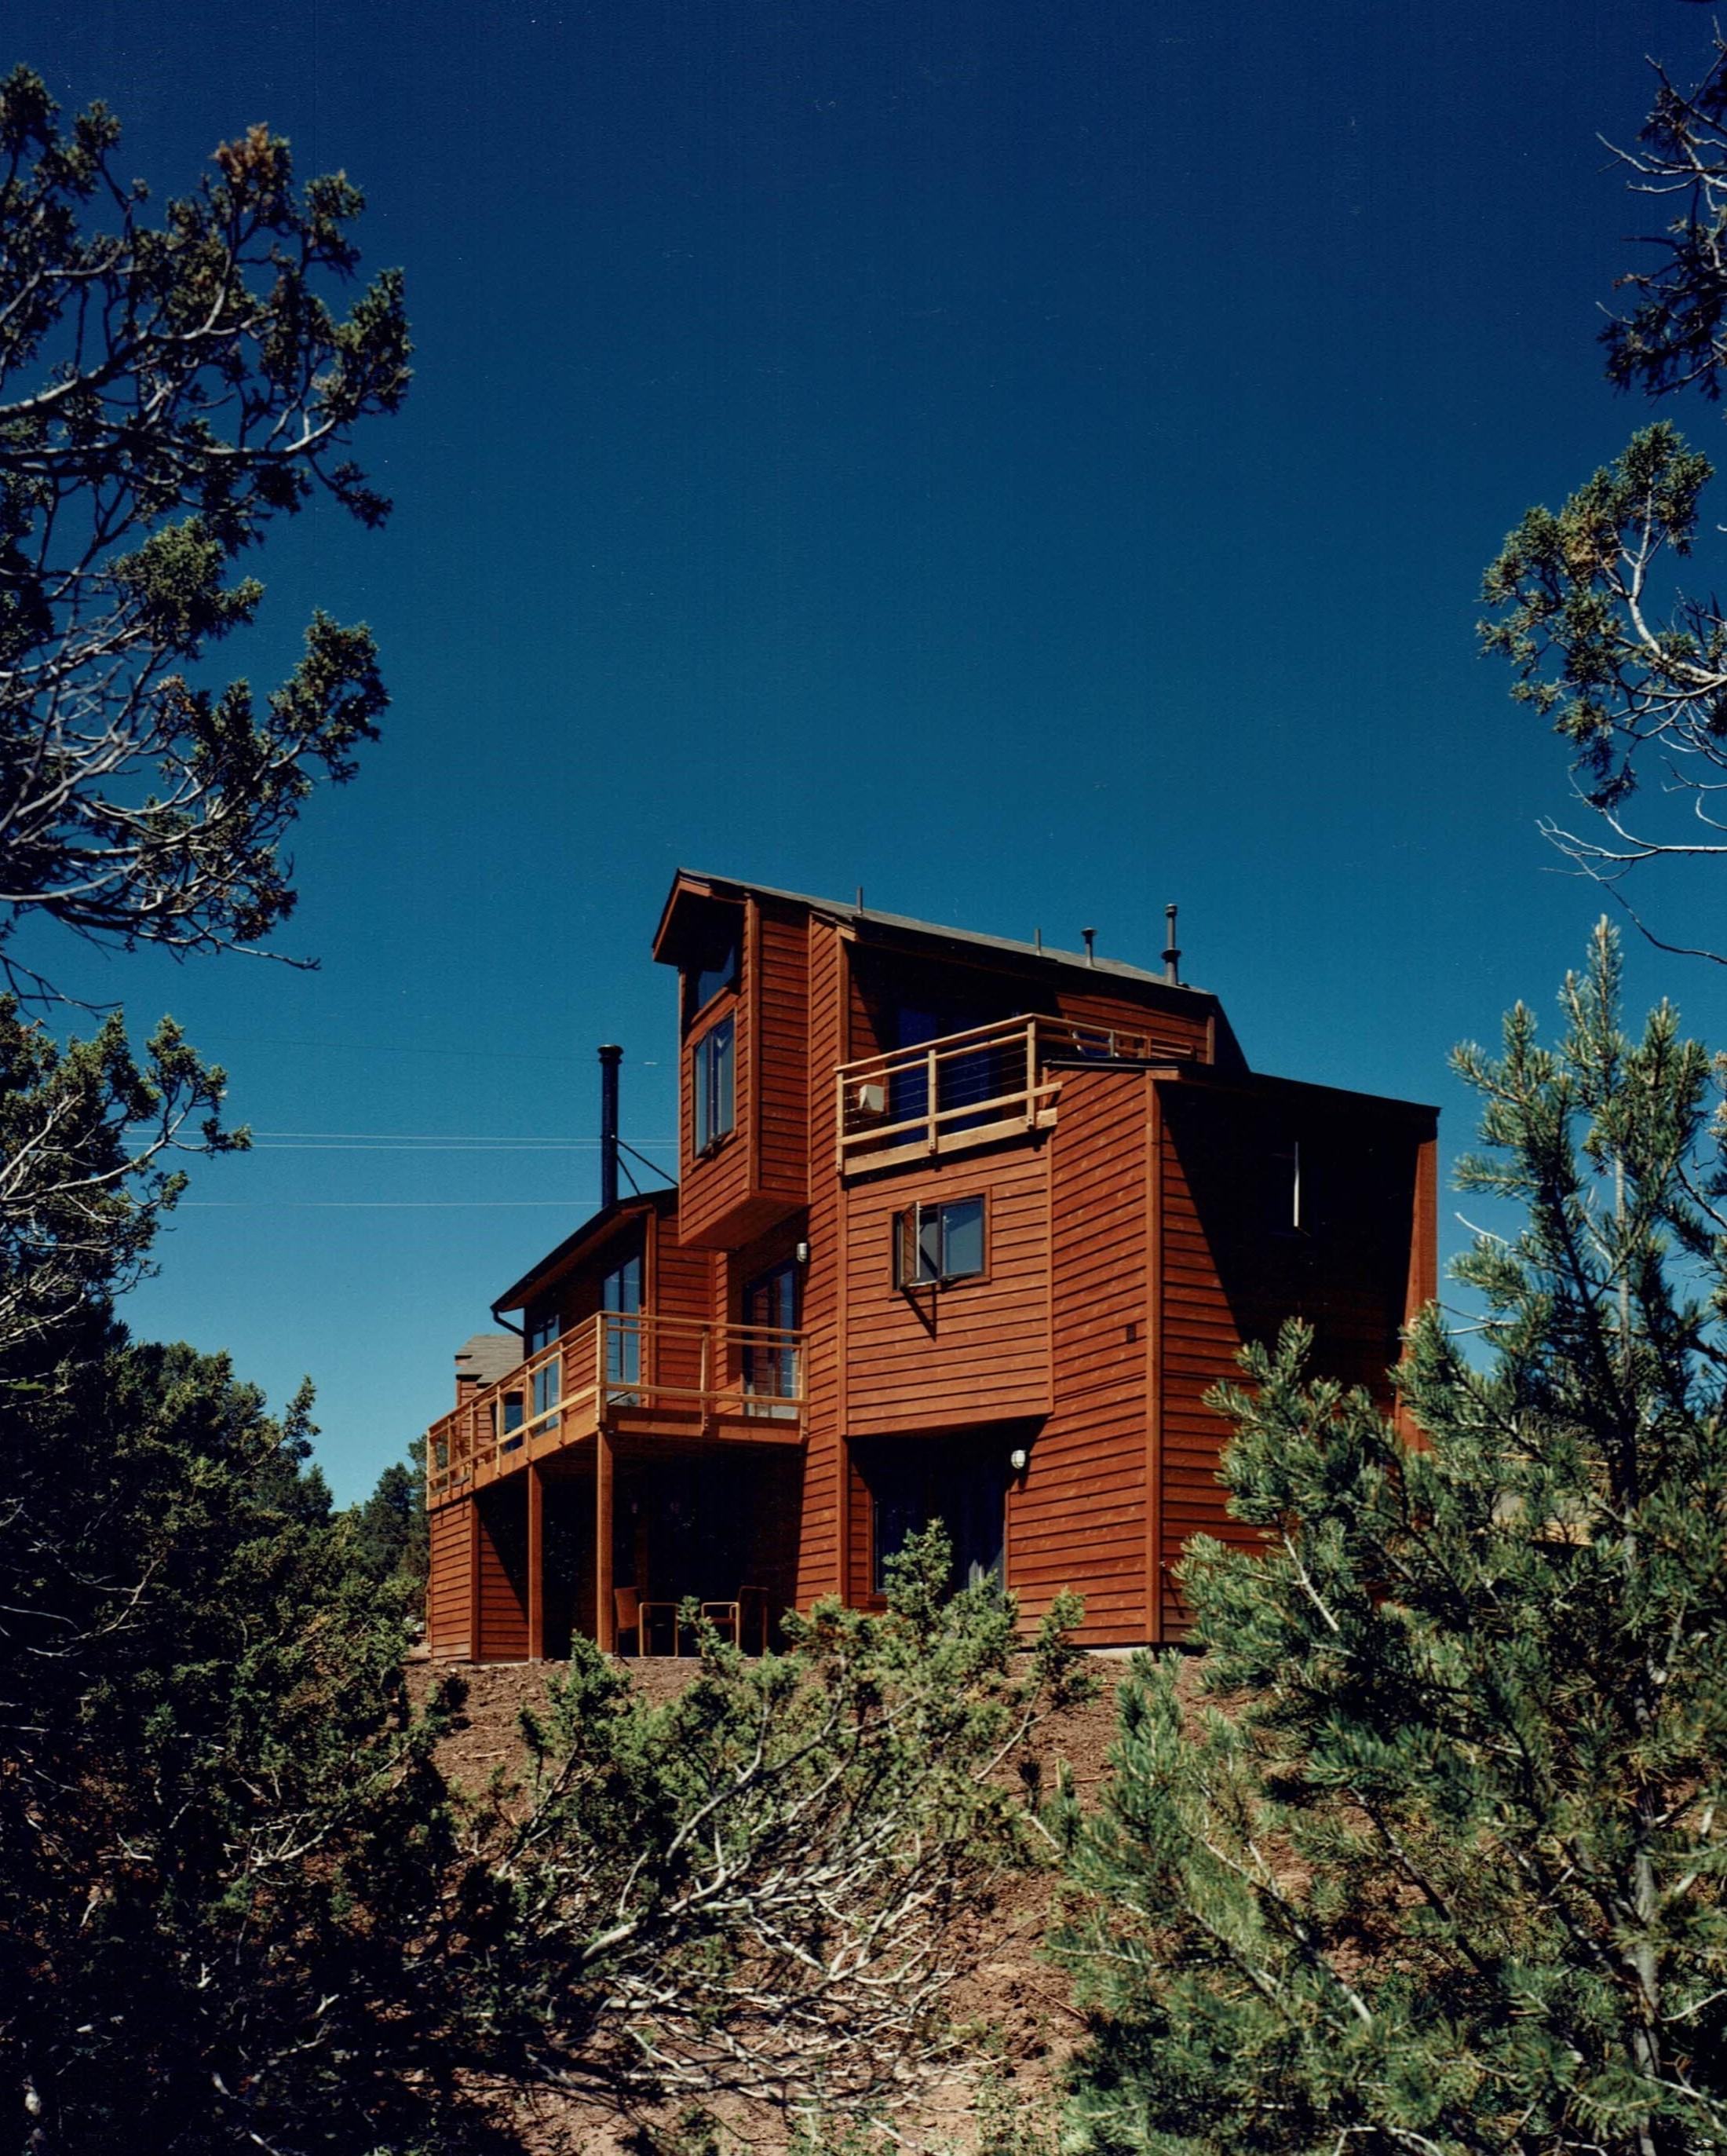 House mountain for website.jpg